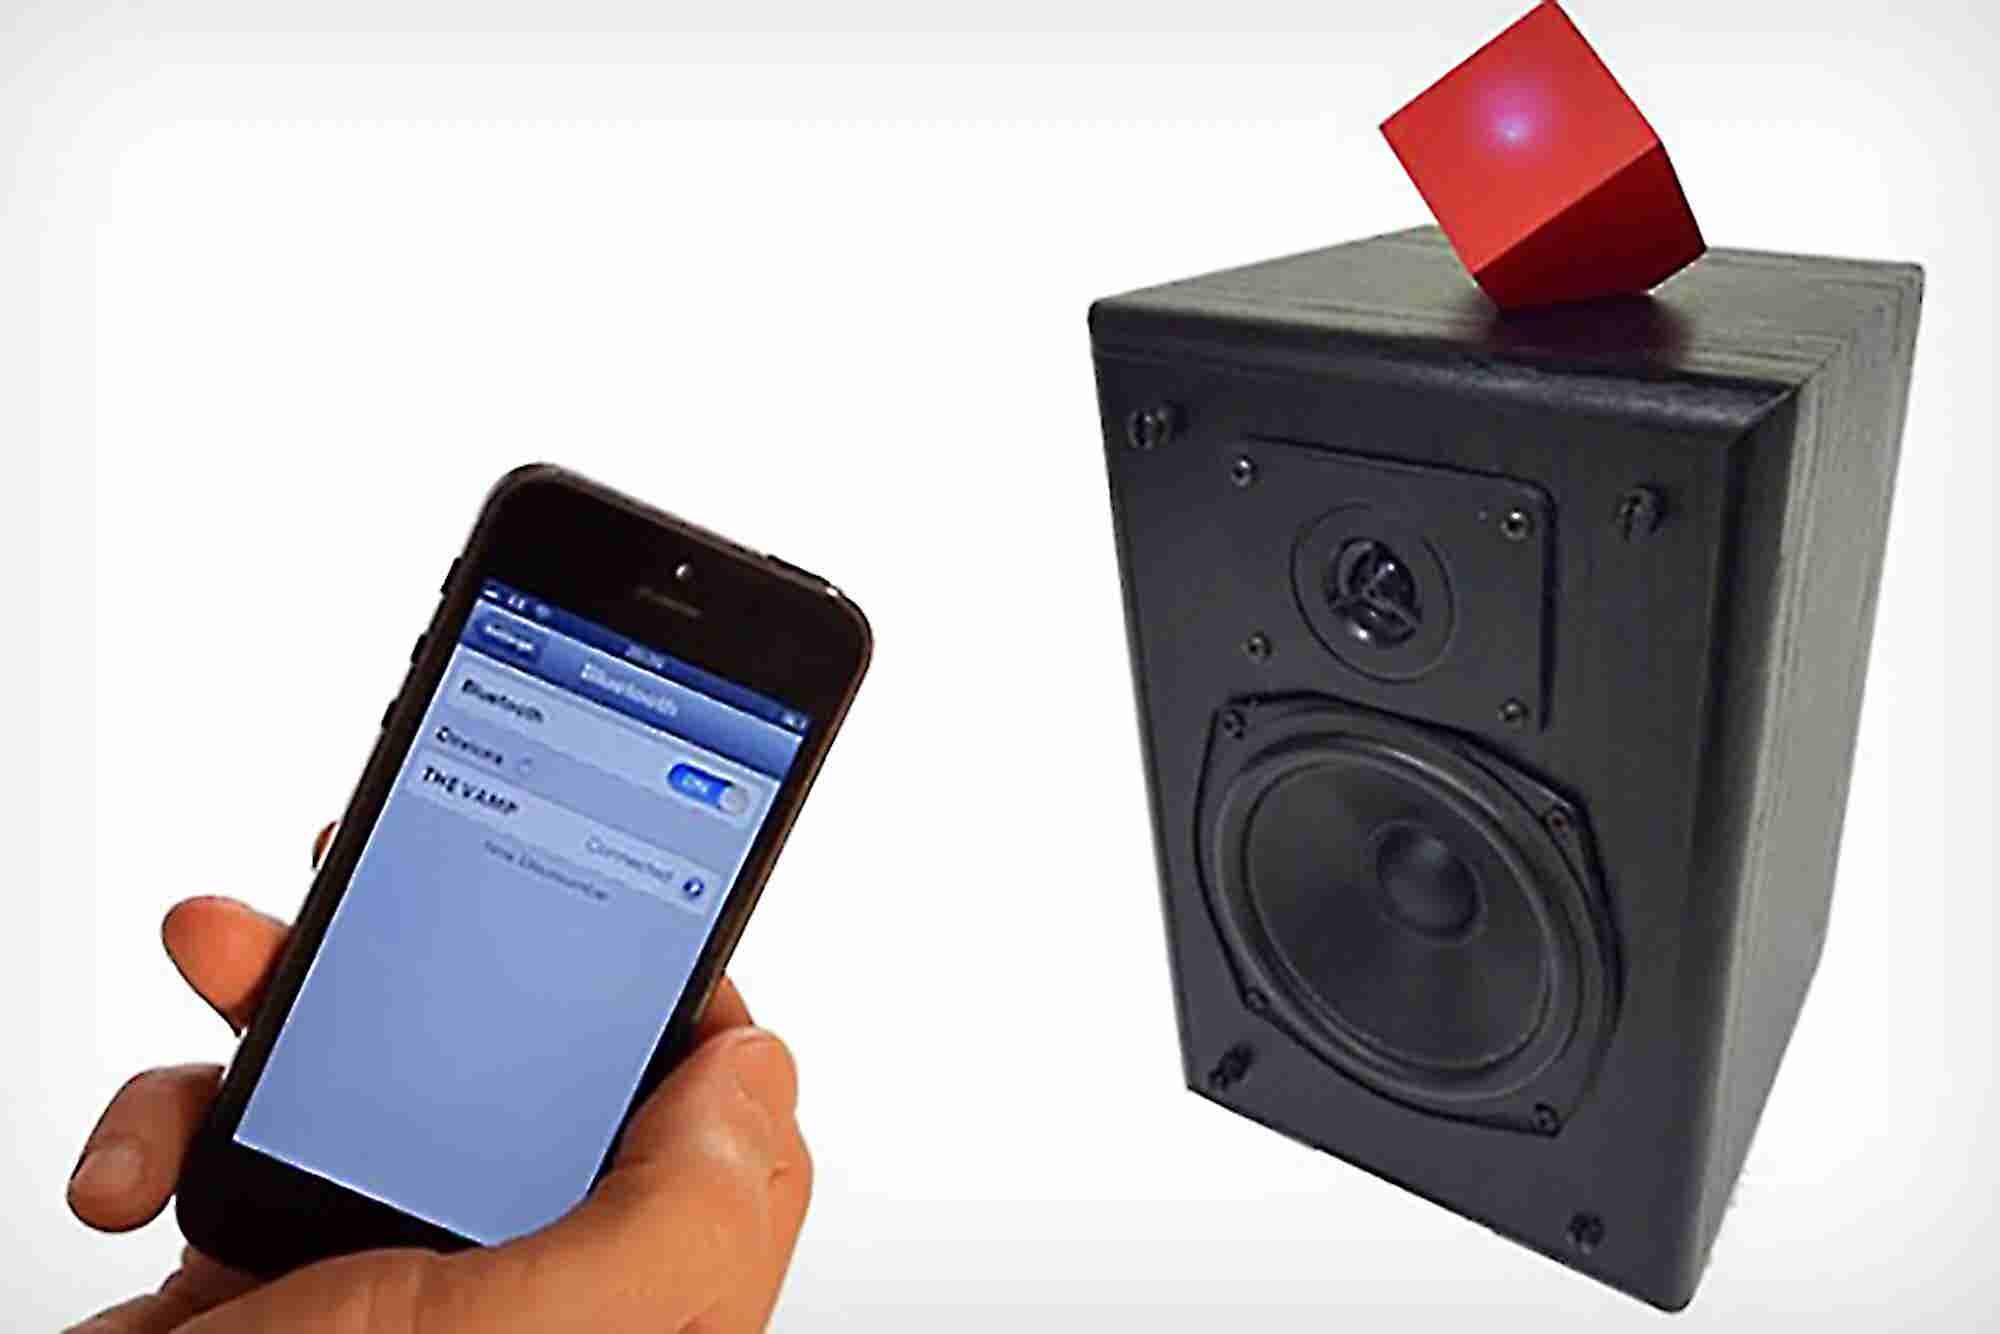 10 Unique iPhone Accessories